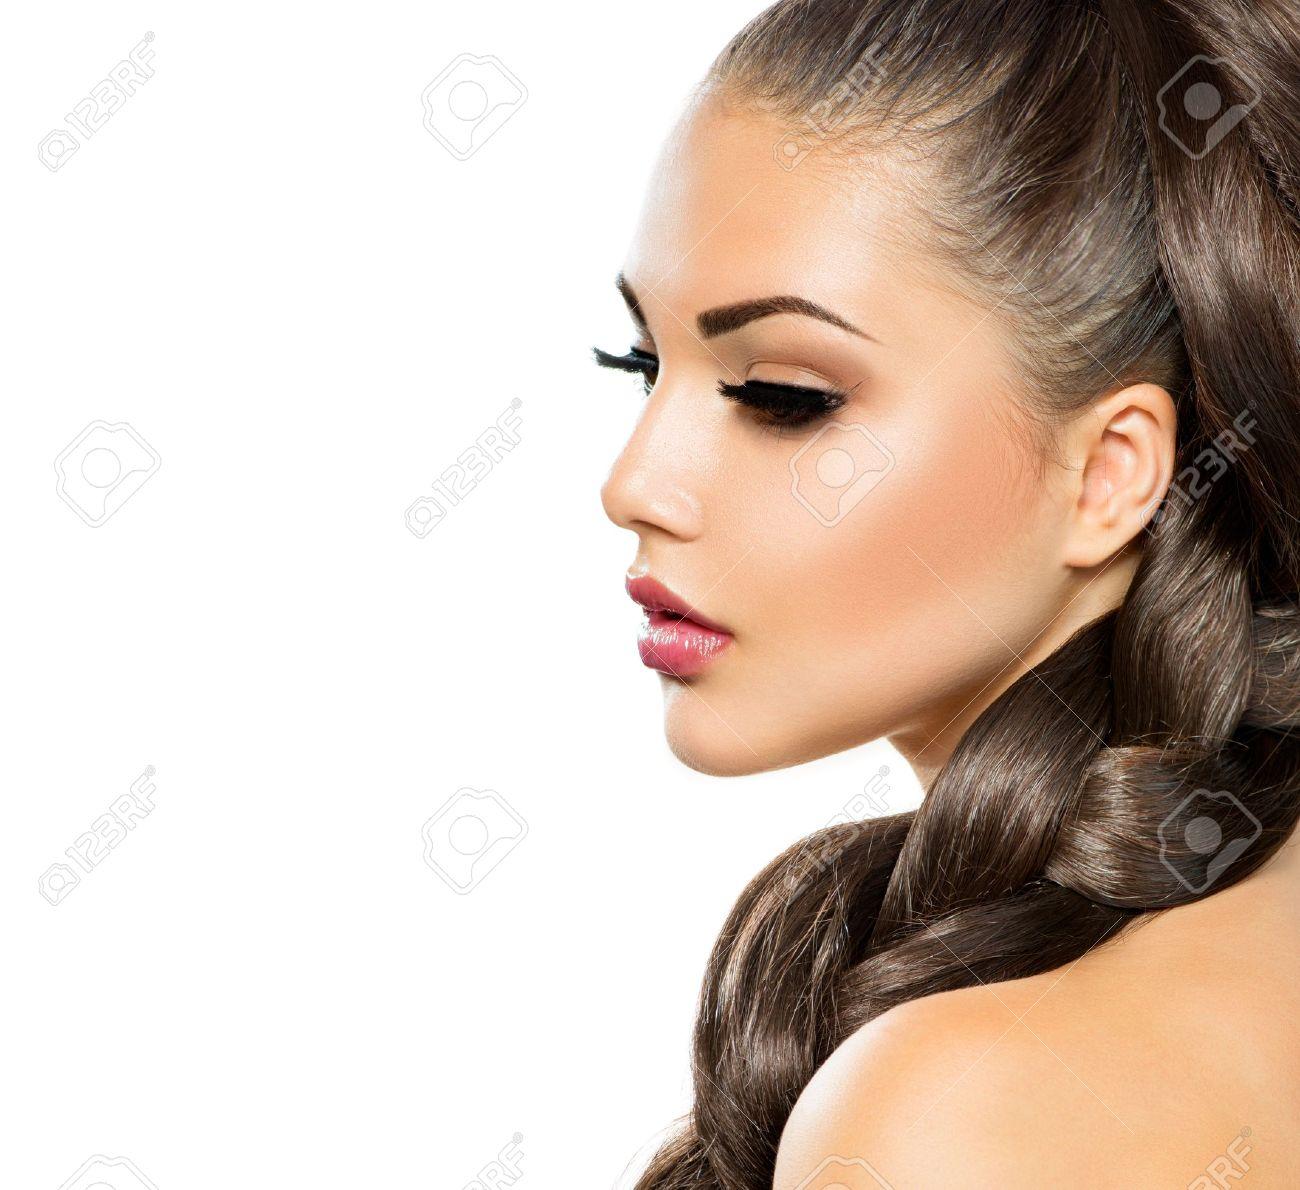 trenza trenza del pelo de mujer hermosa con el pelo largo sano